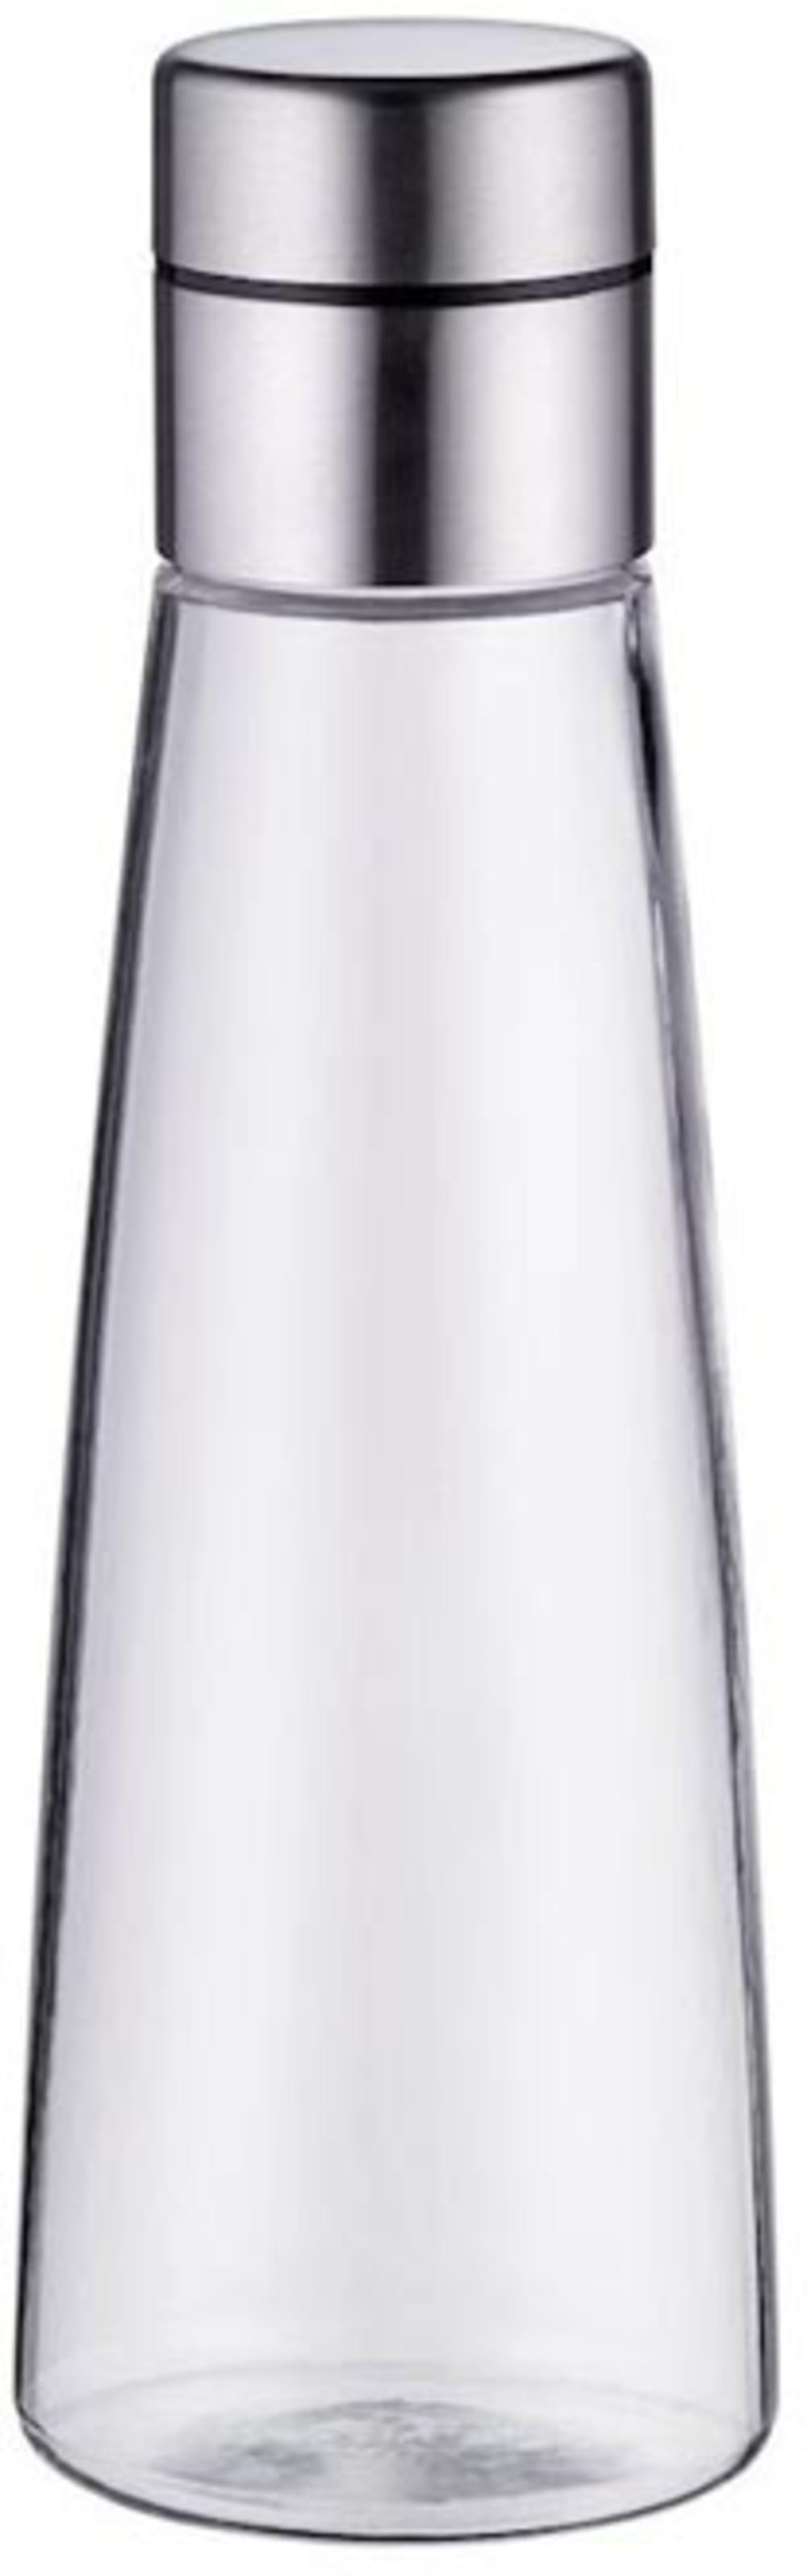 Butelka na oliwę WMF